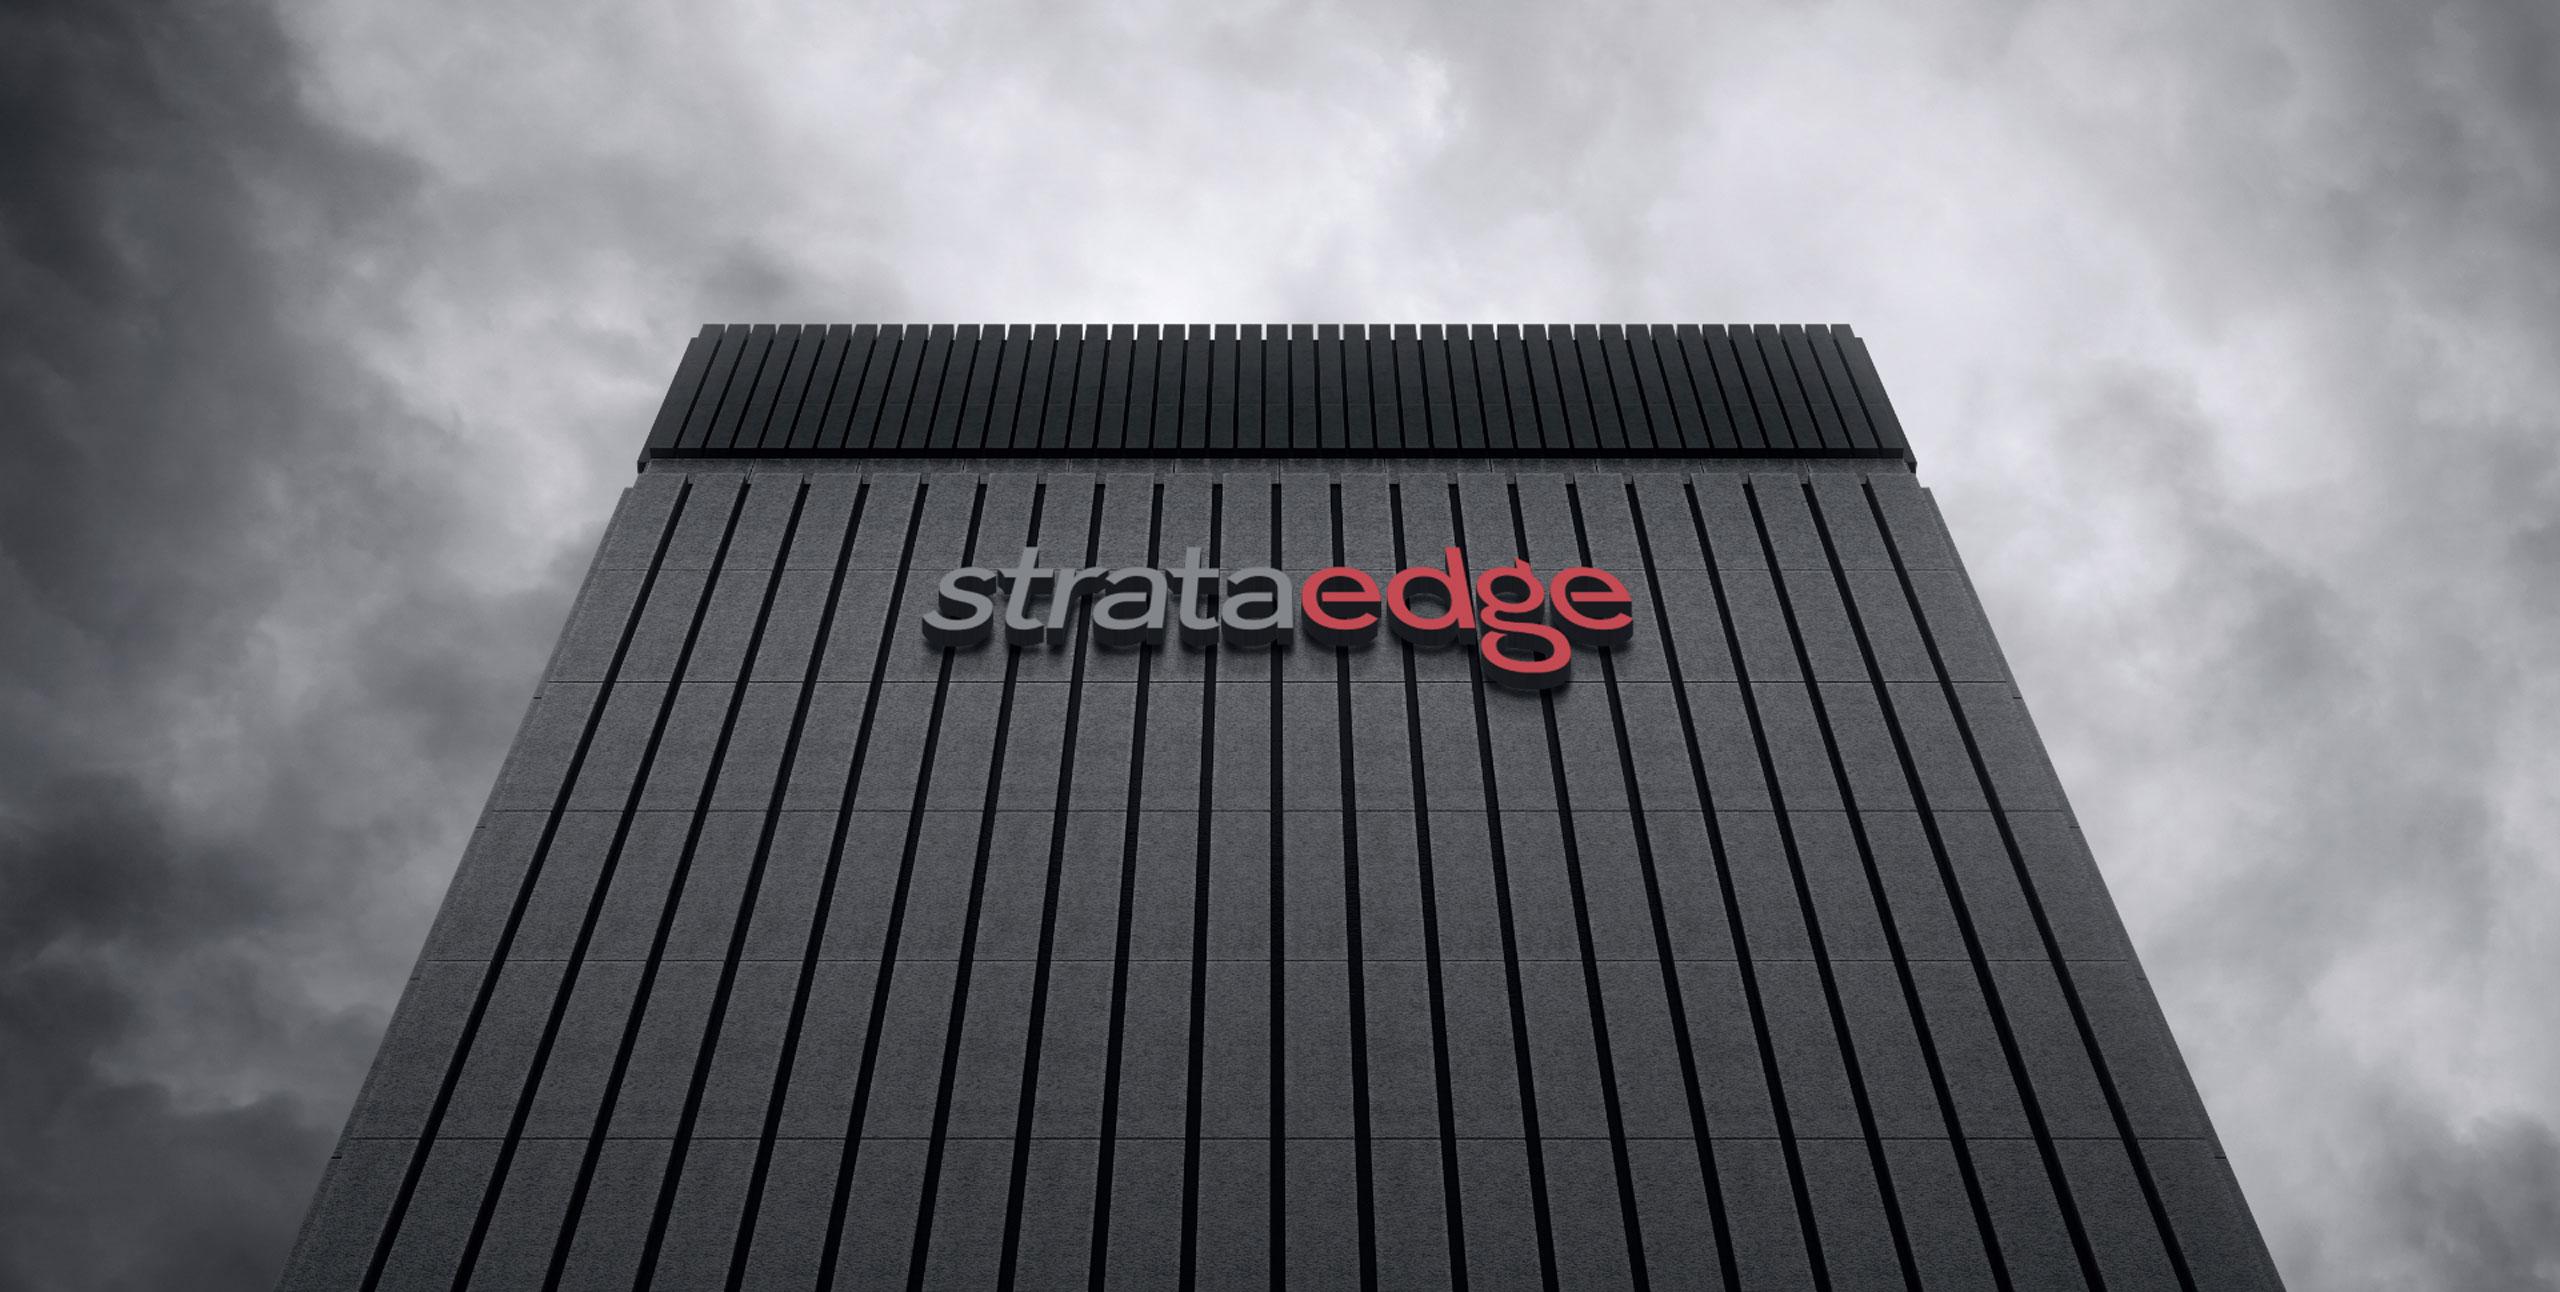 Our Creation - Strata Edge